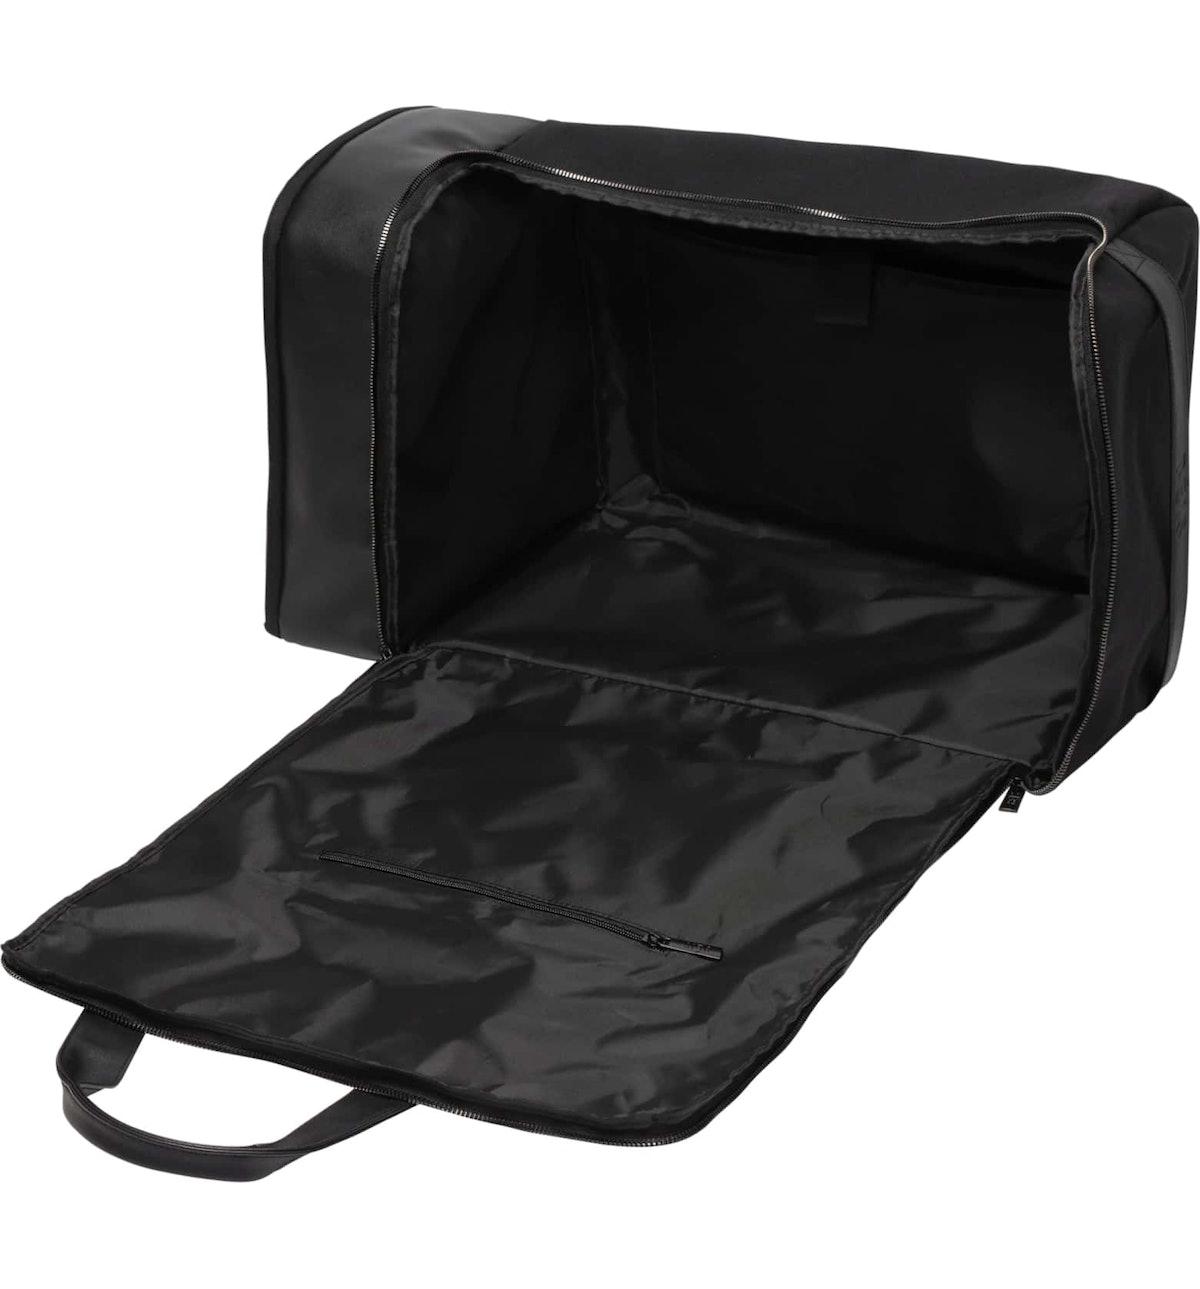 Travel Multi Function Duffel Bag